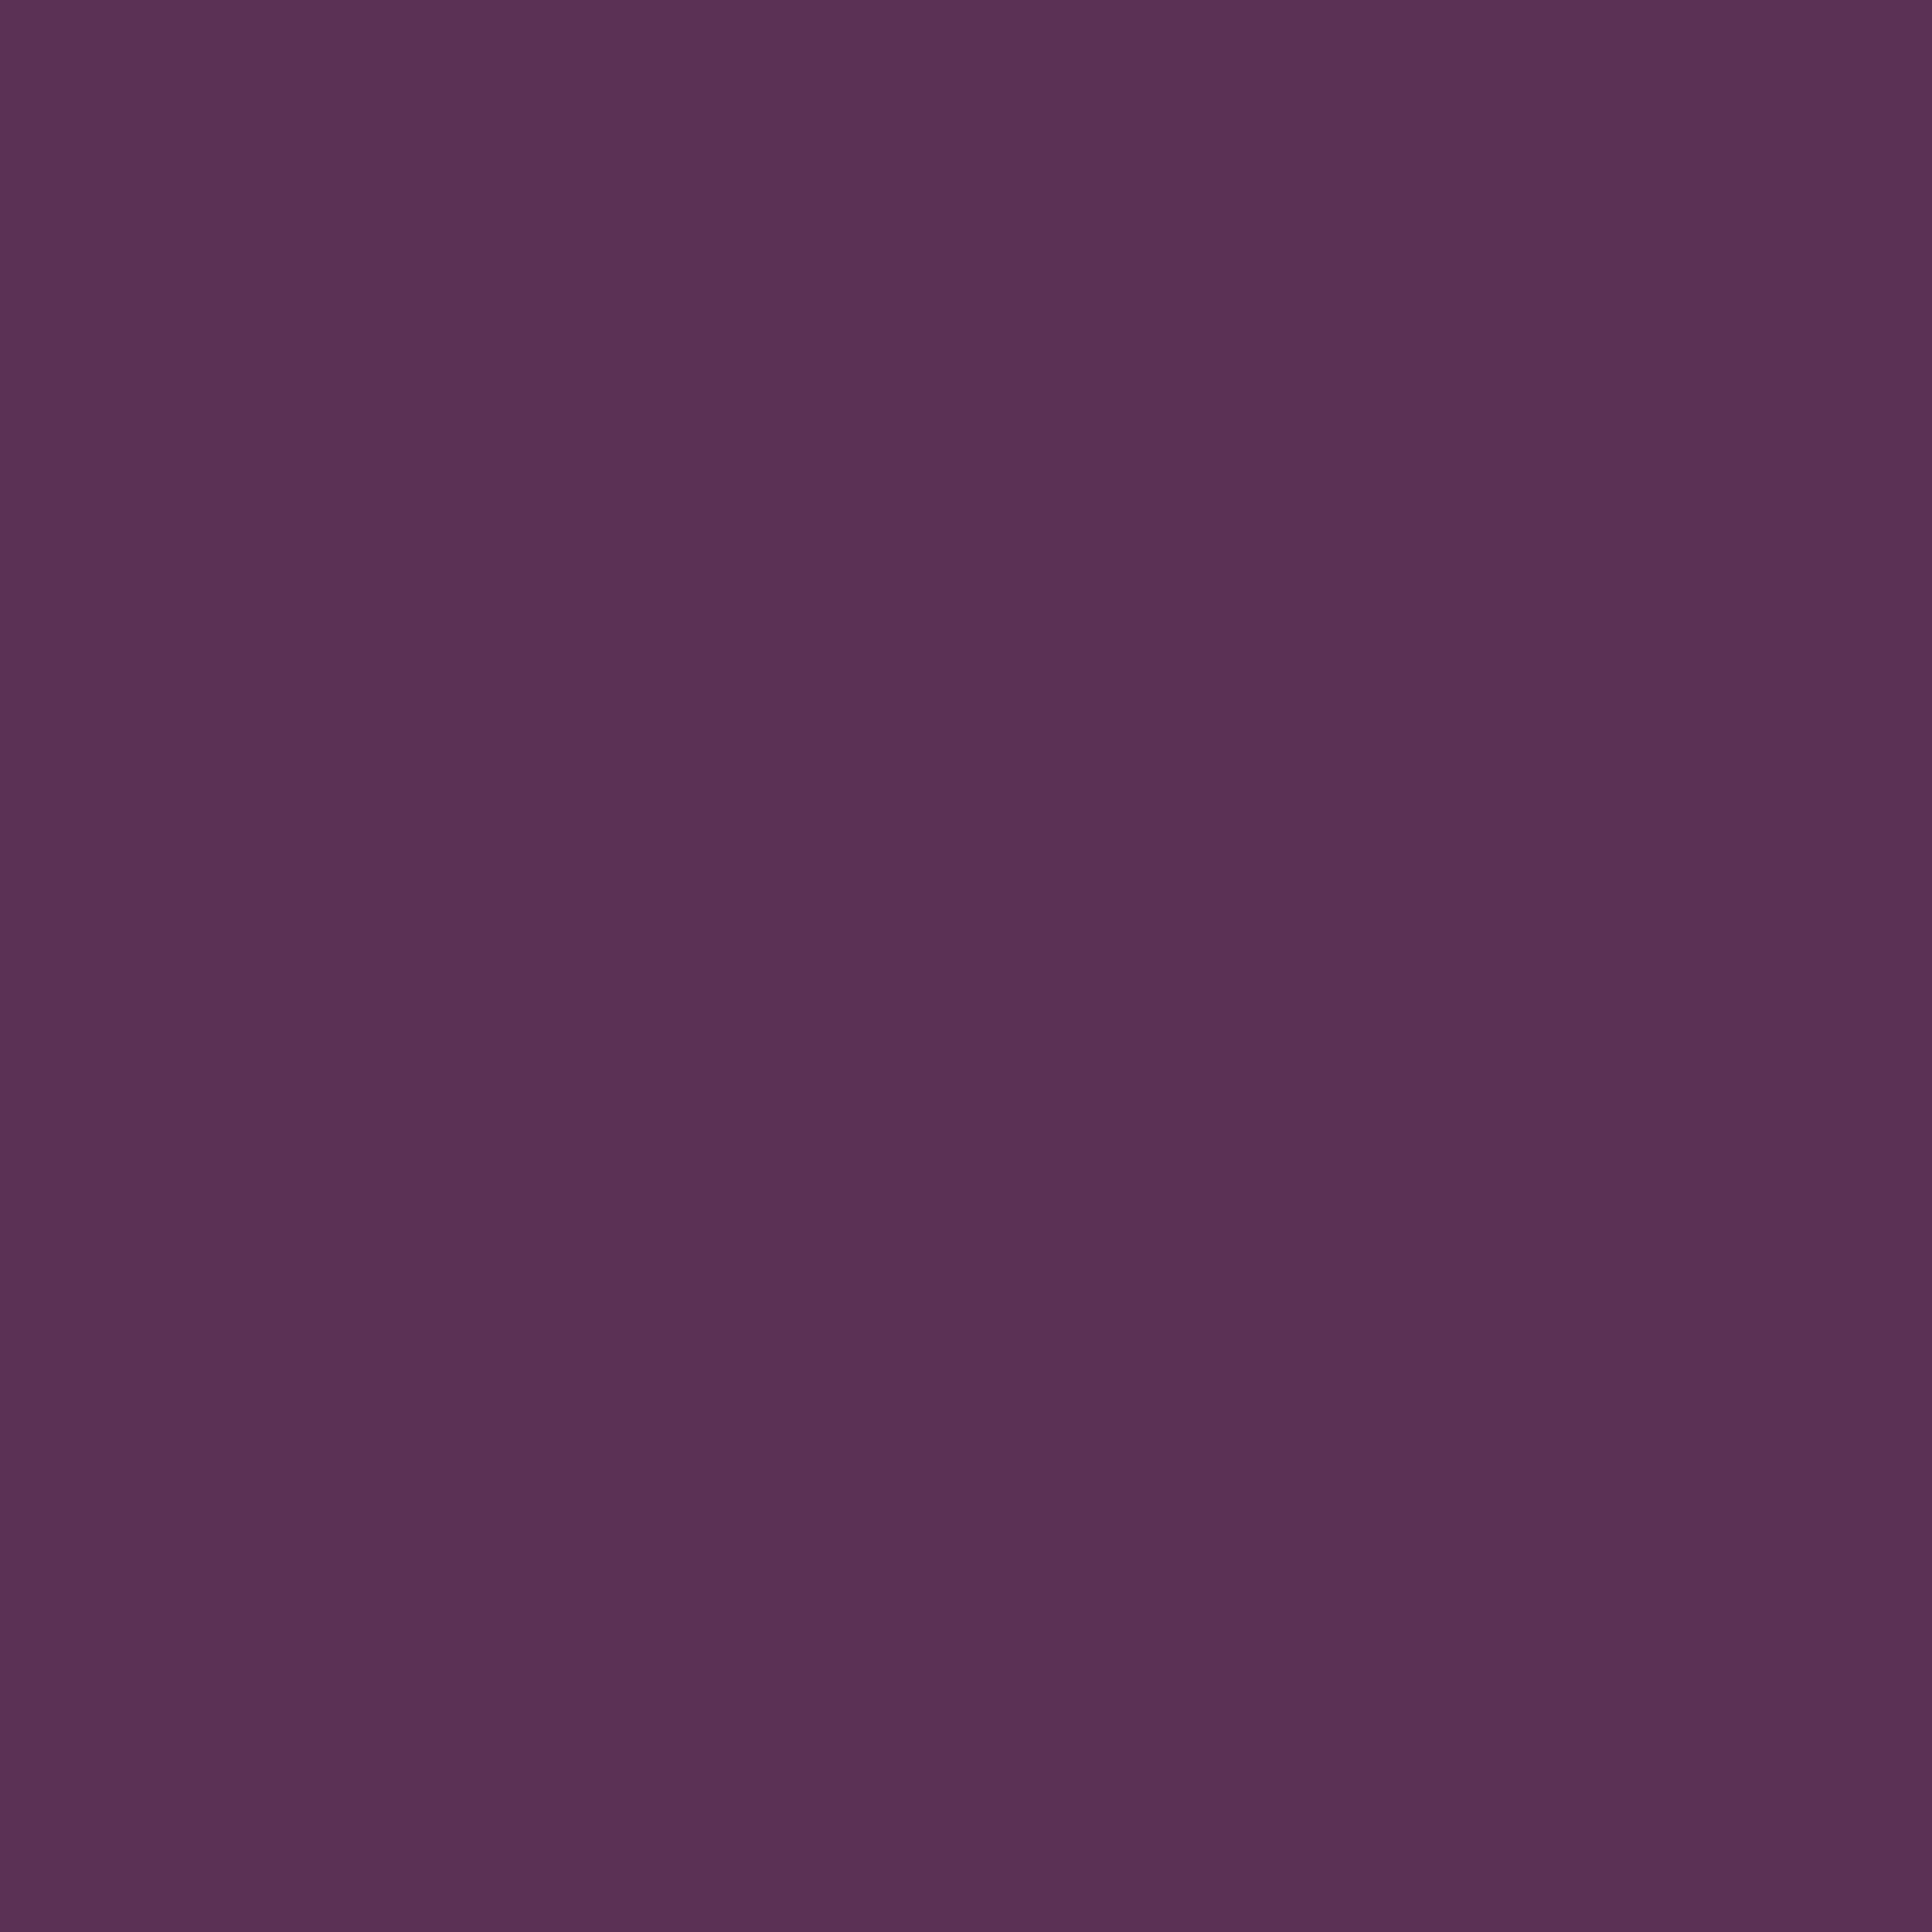 3600x3600 Japanese Violet Solid Color Background